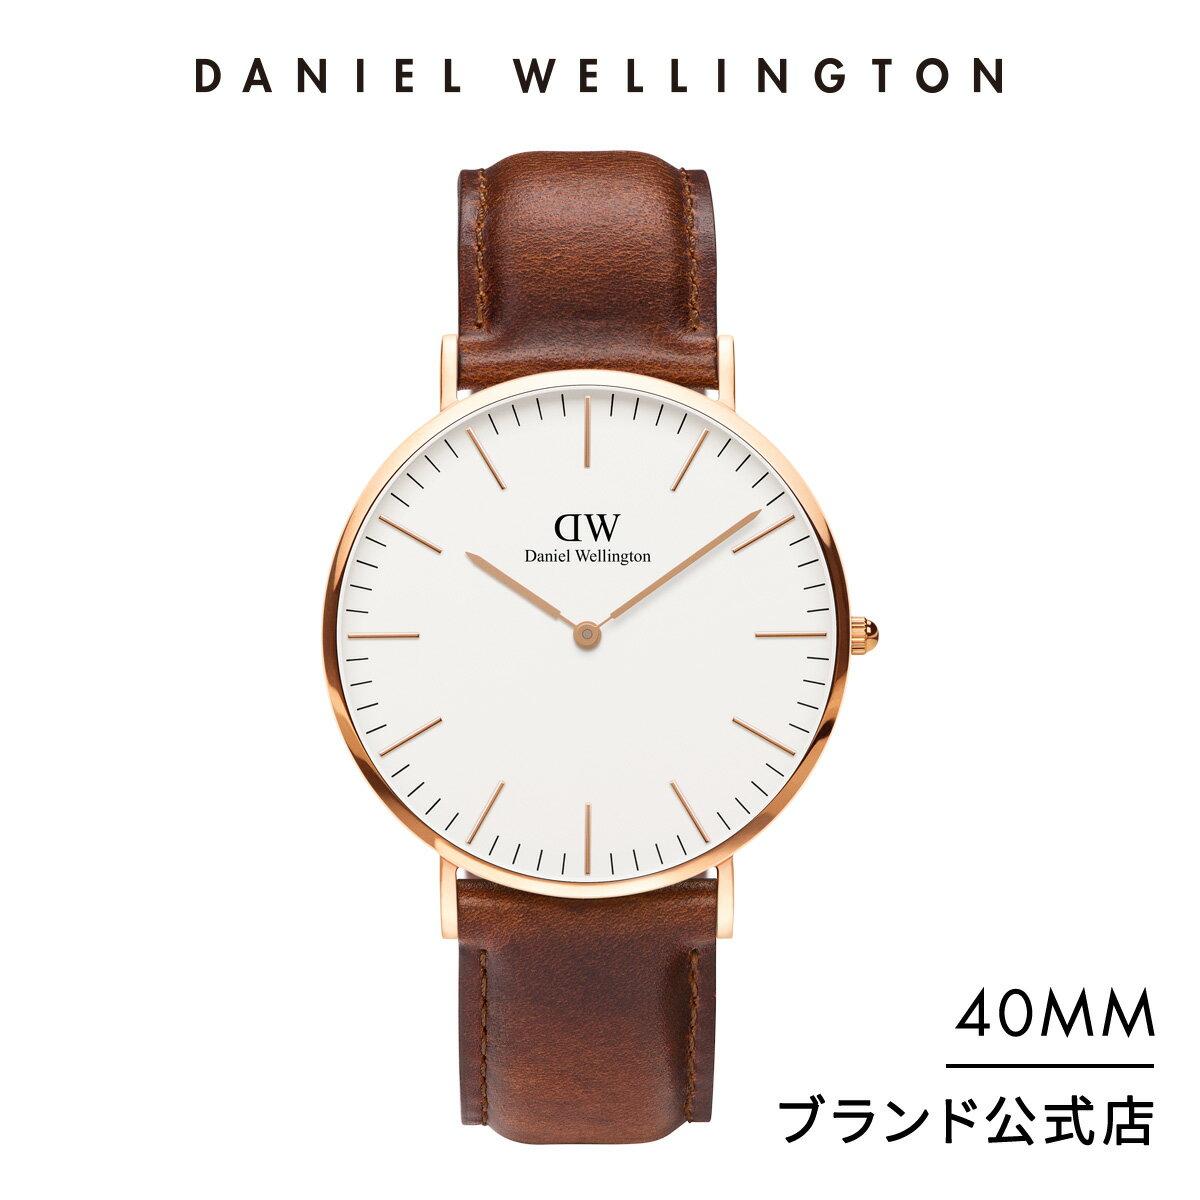 【公式2年保証/送料無料】ダニエルウェリントン公式 メンズ 腕時計 Classic St Mawes 40mm 革 ベルト クラシック セント モース DW プレゼント おしゃれ インスタ映え ブランド 彼女 彼氏 ペアスタイルに最適 ウォッチ